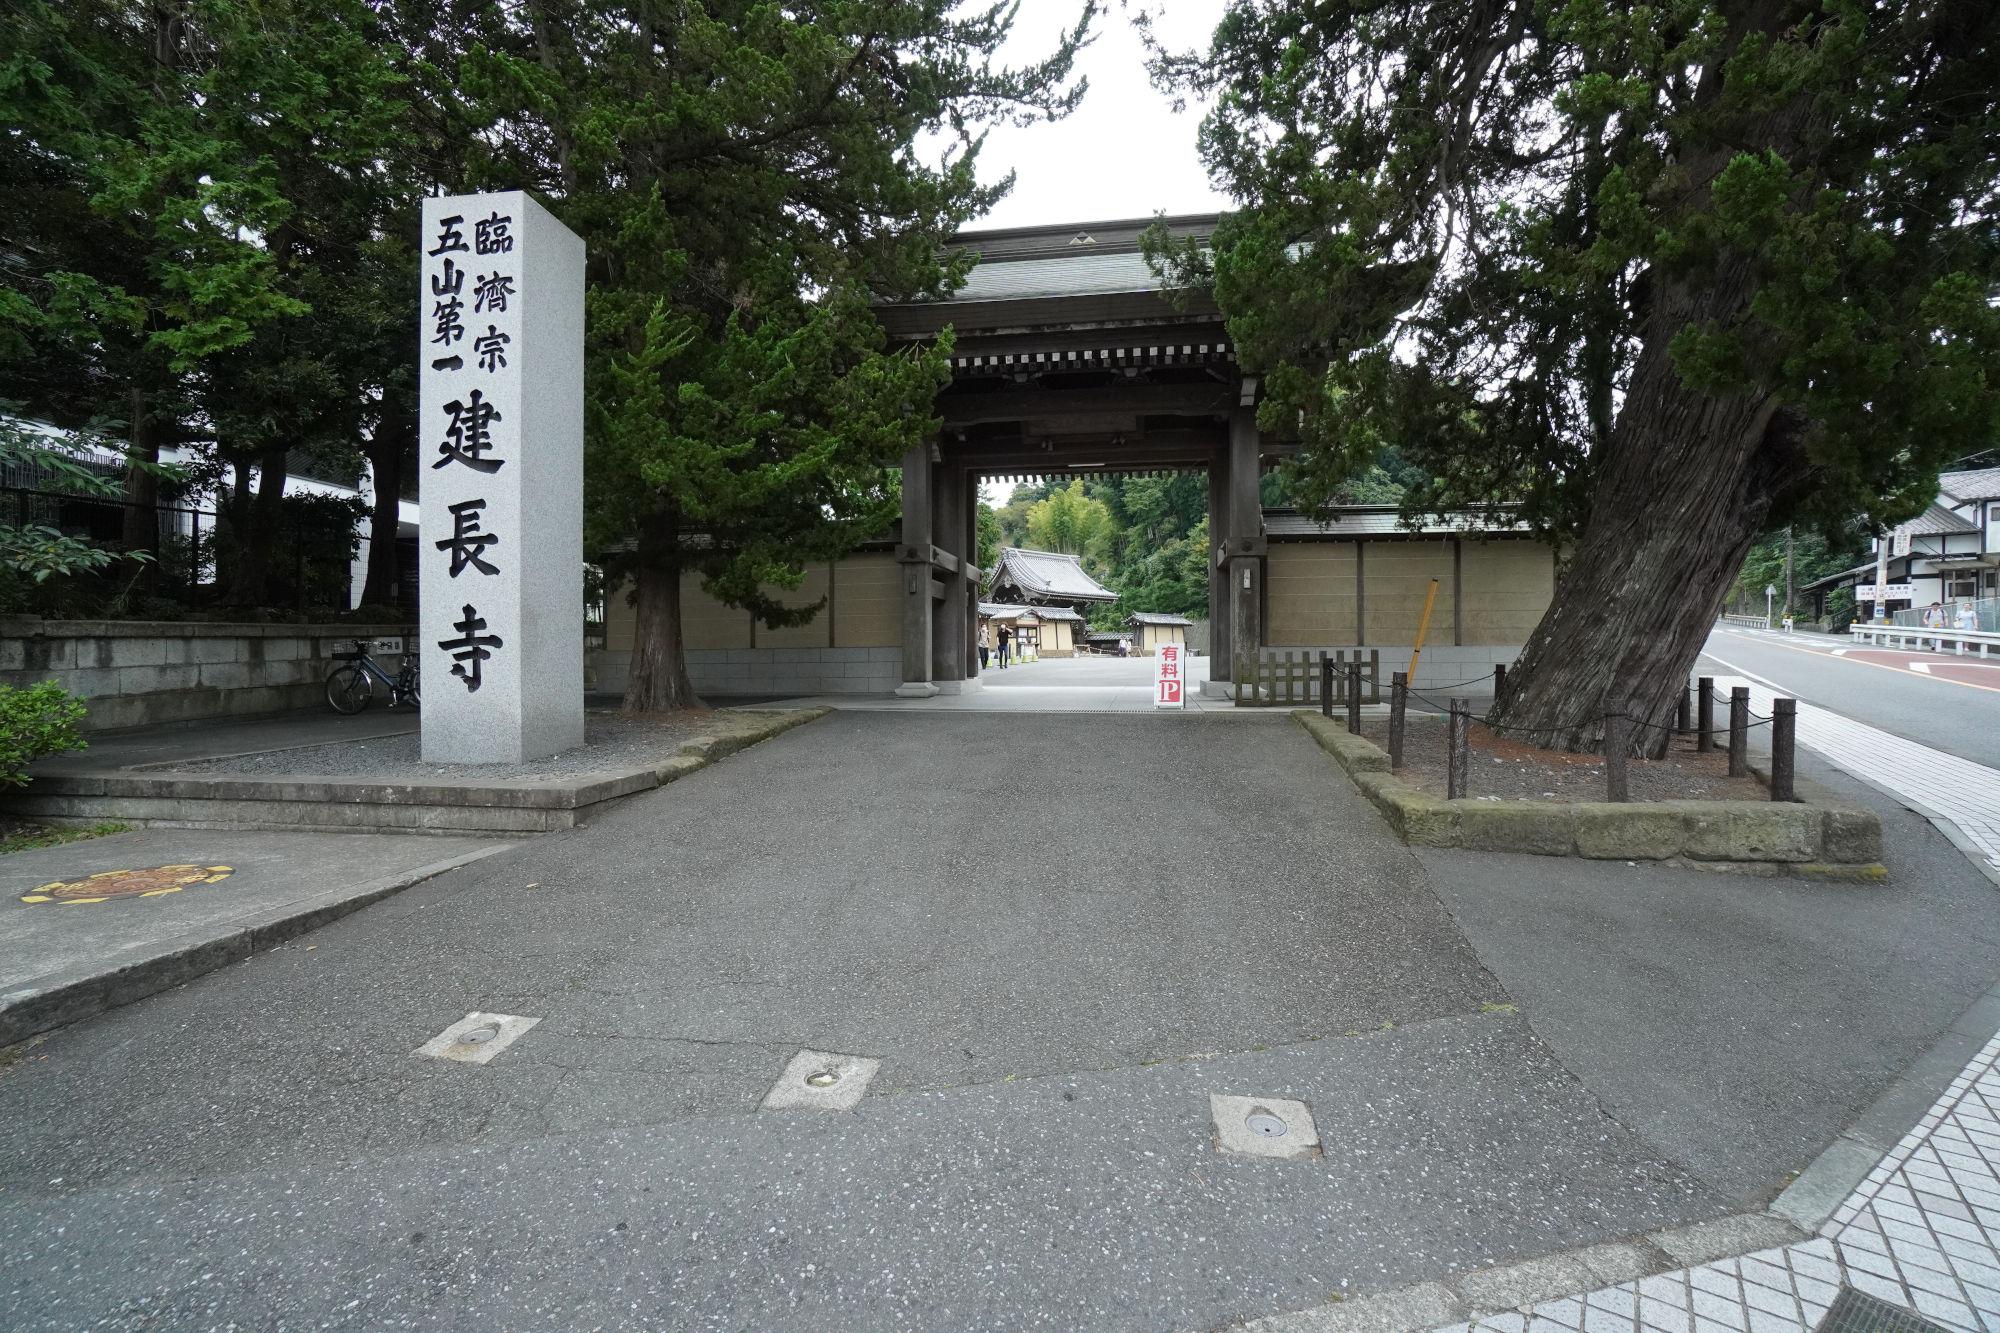 北鎌倉「建長寺(けんちょうじ)」